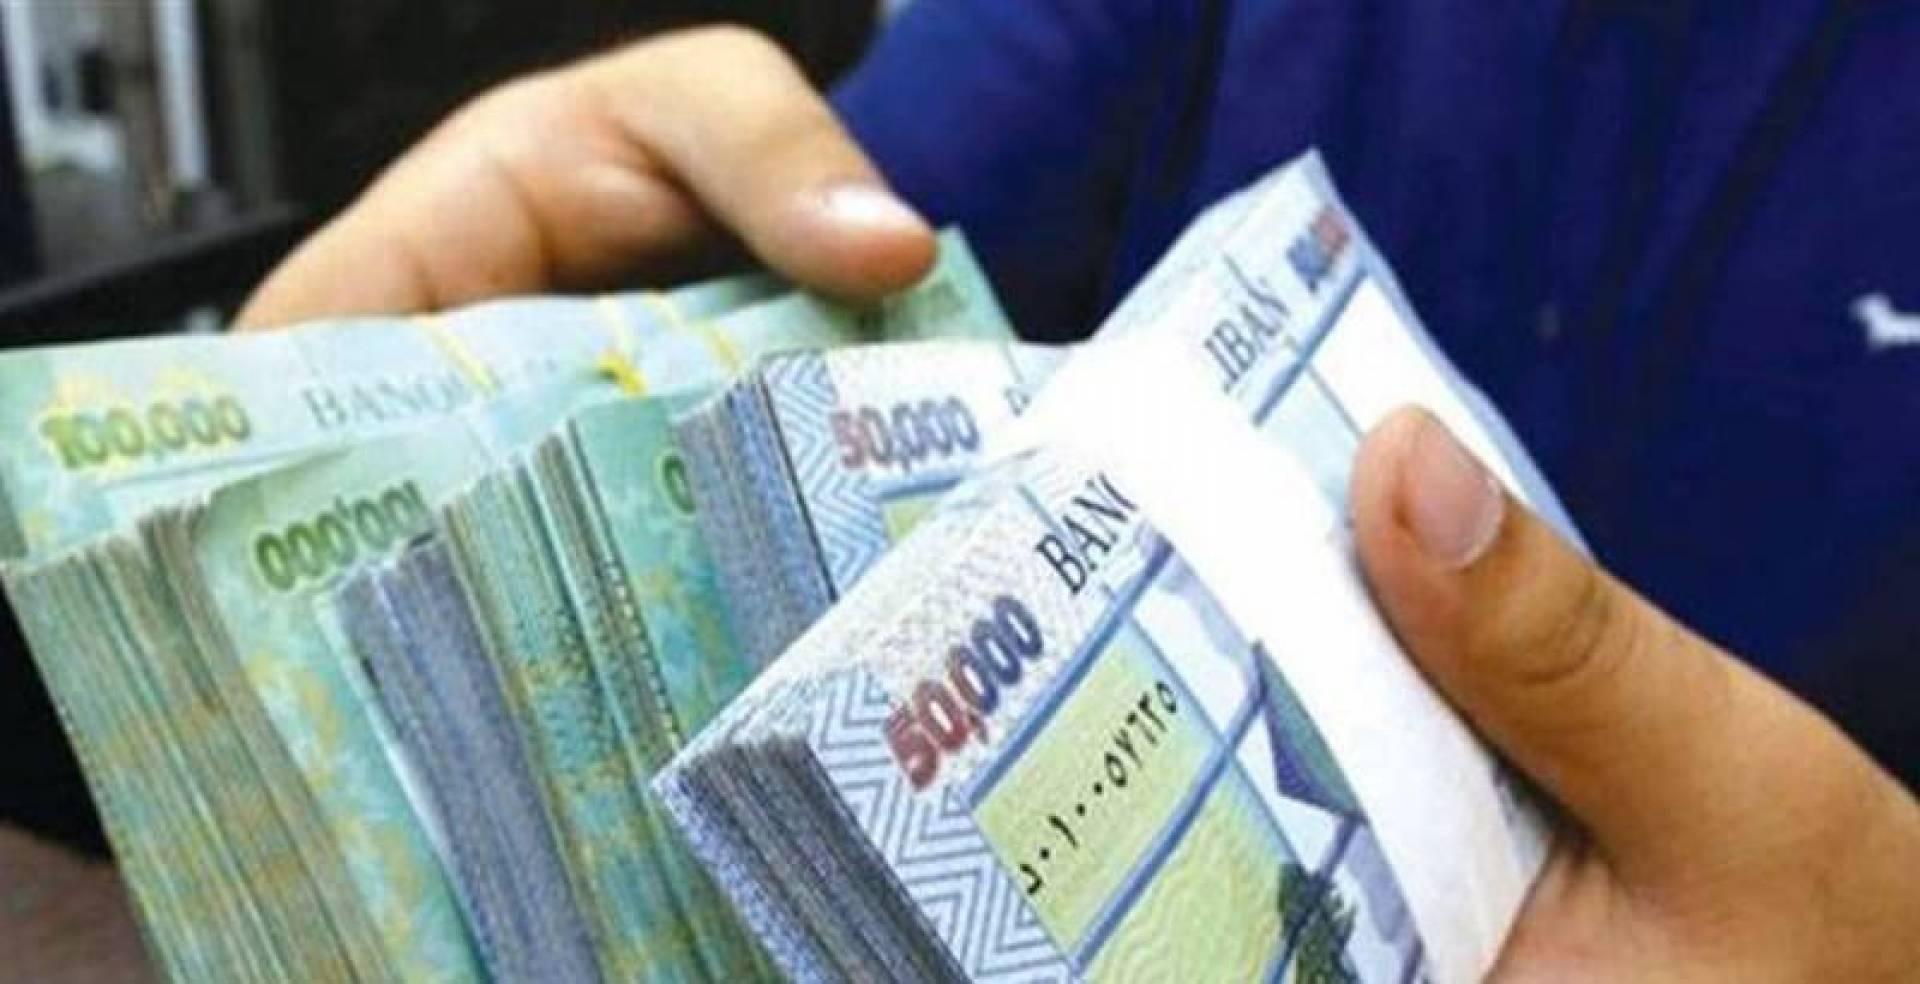 انهيار الثقة بالنظام المالي يعمق الأزمة في لبنان